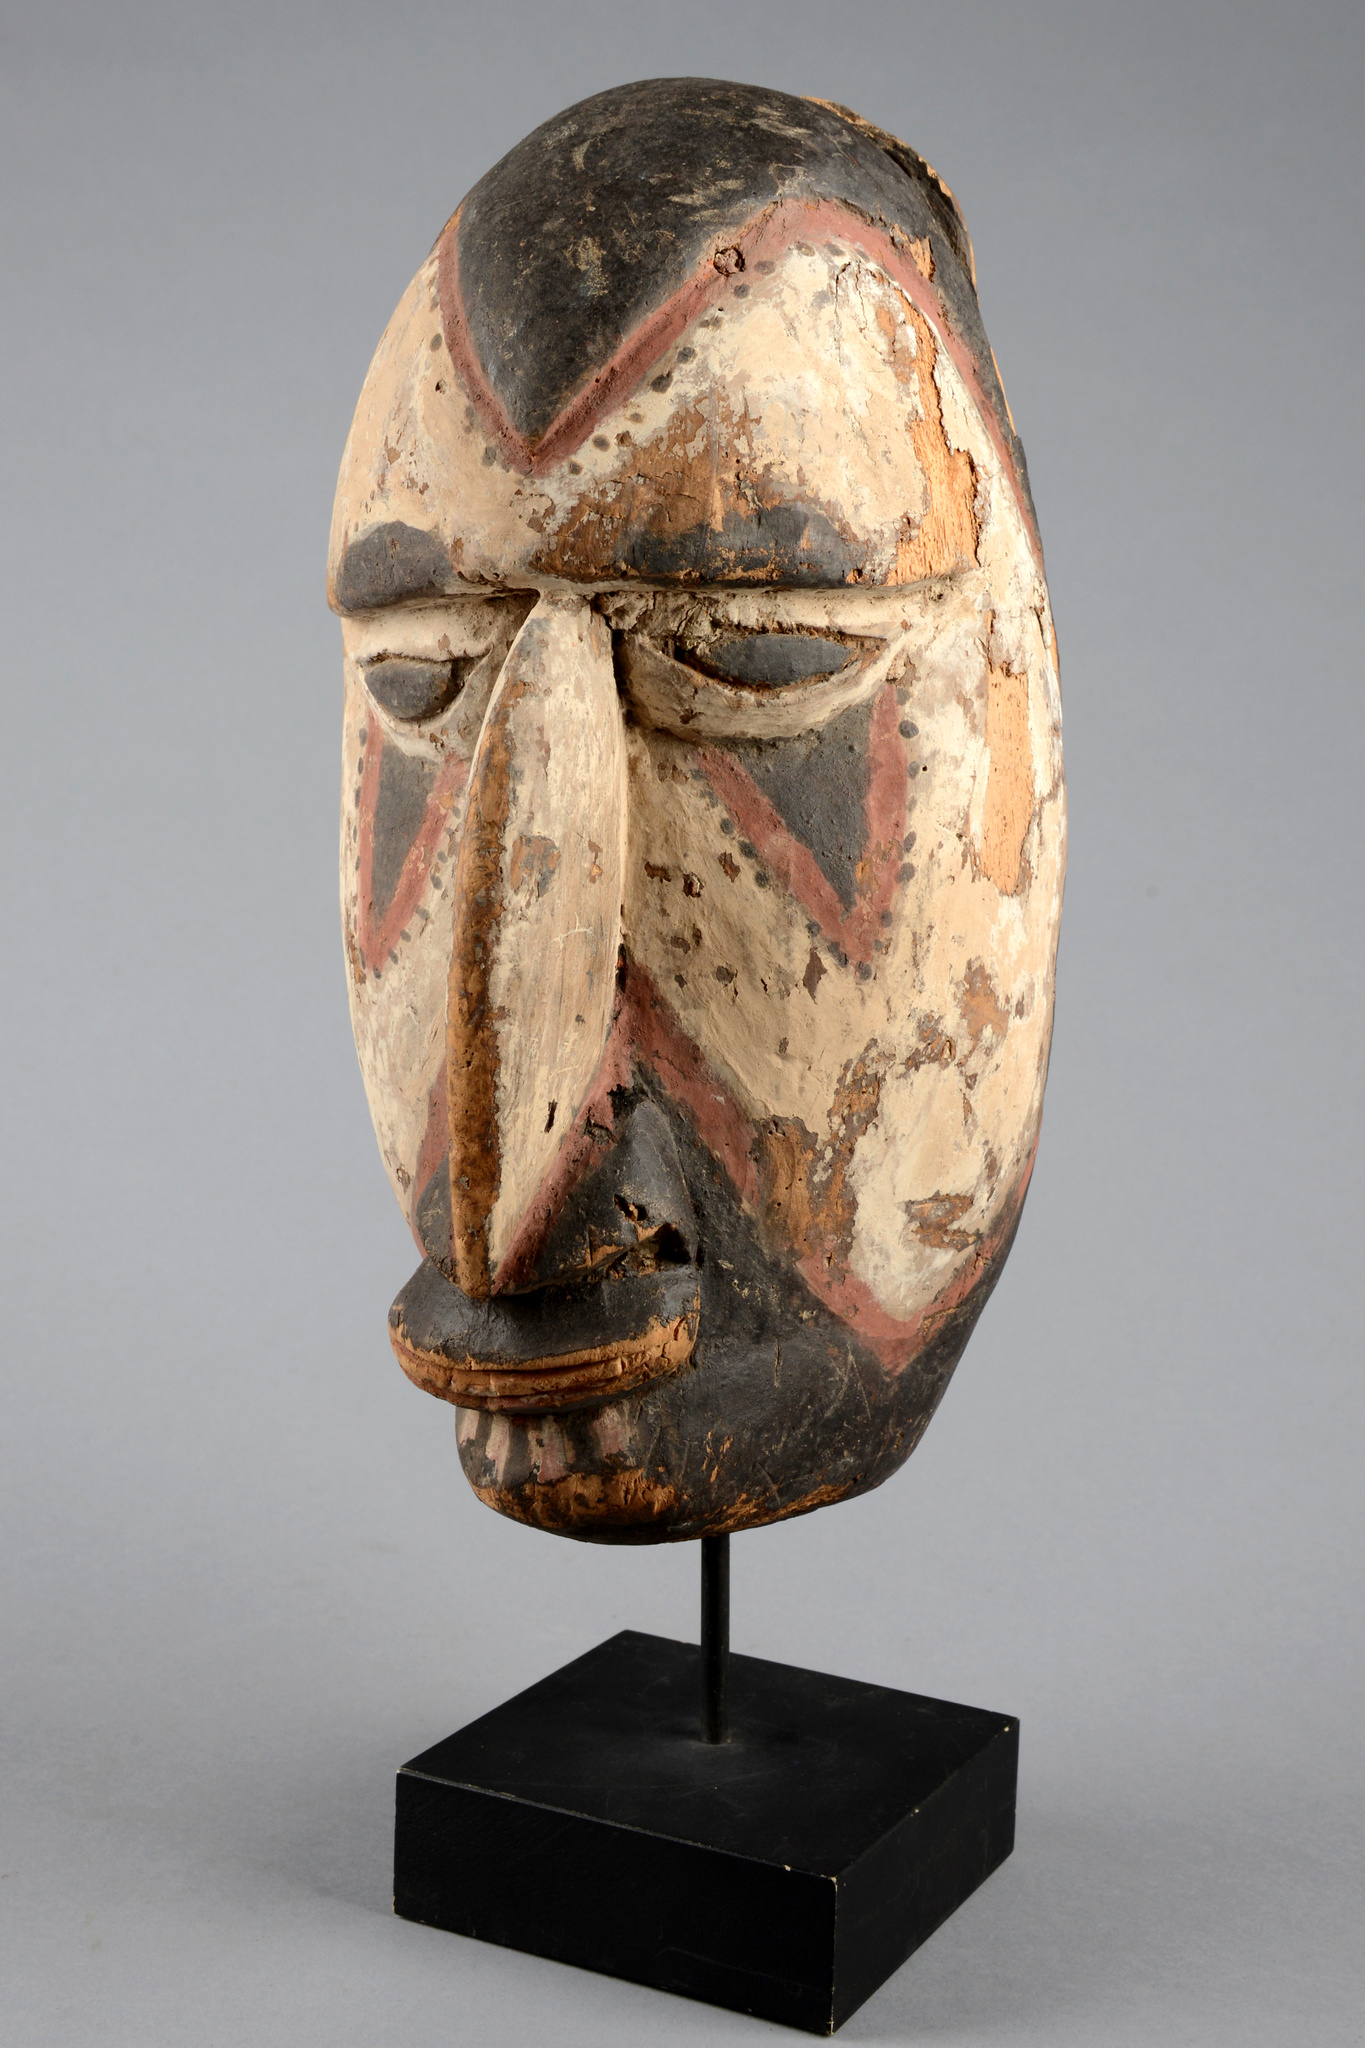 Masque à igname